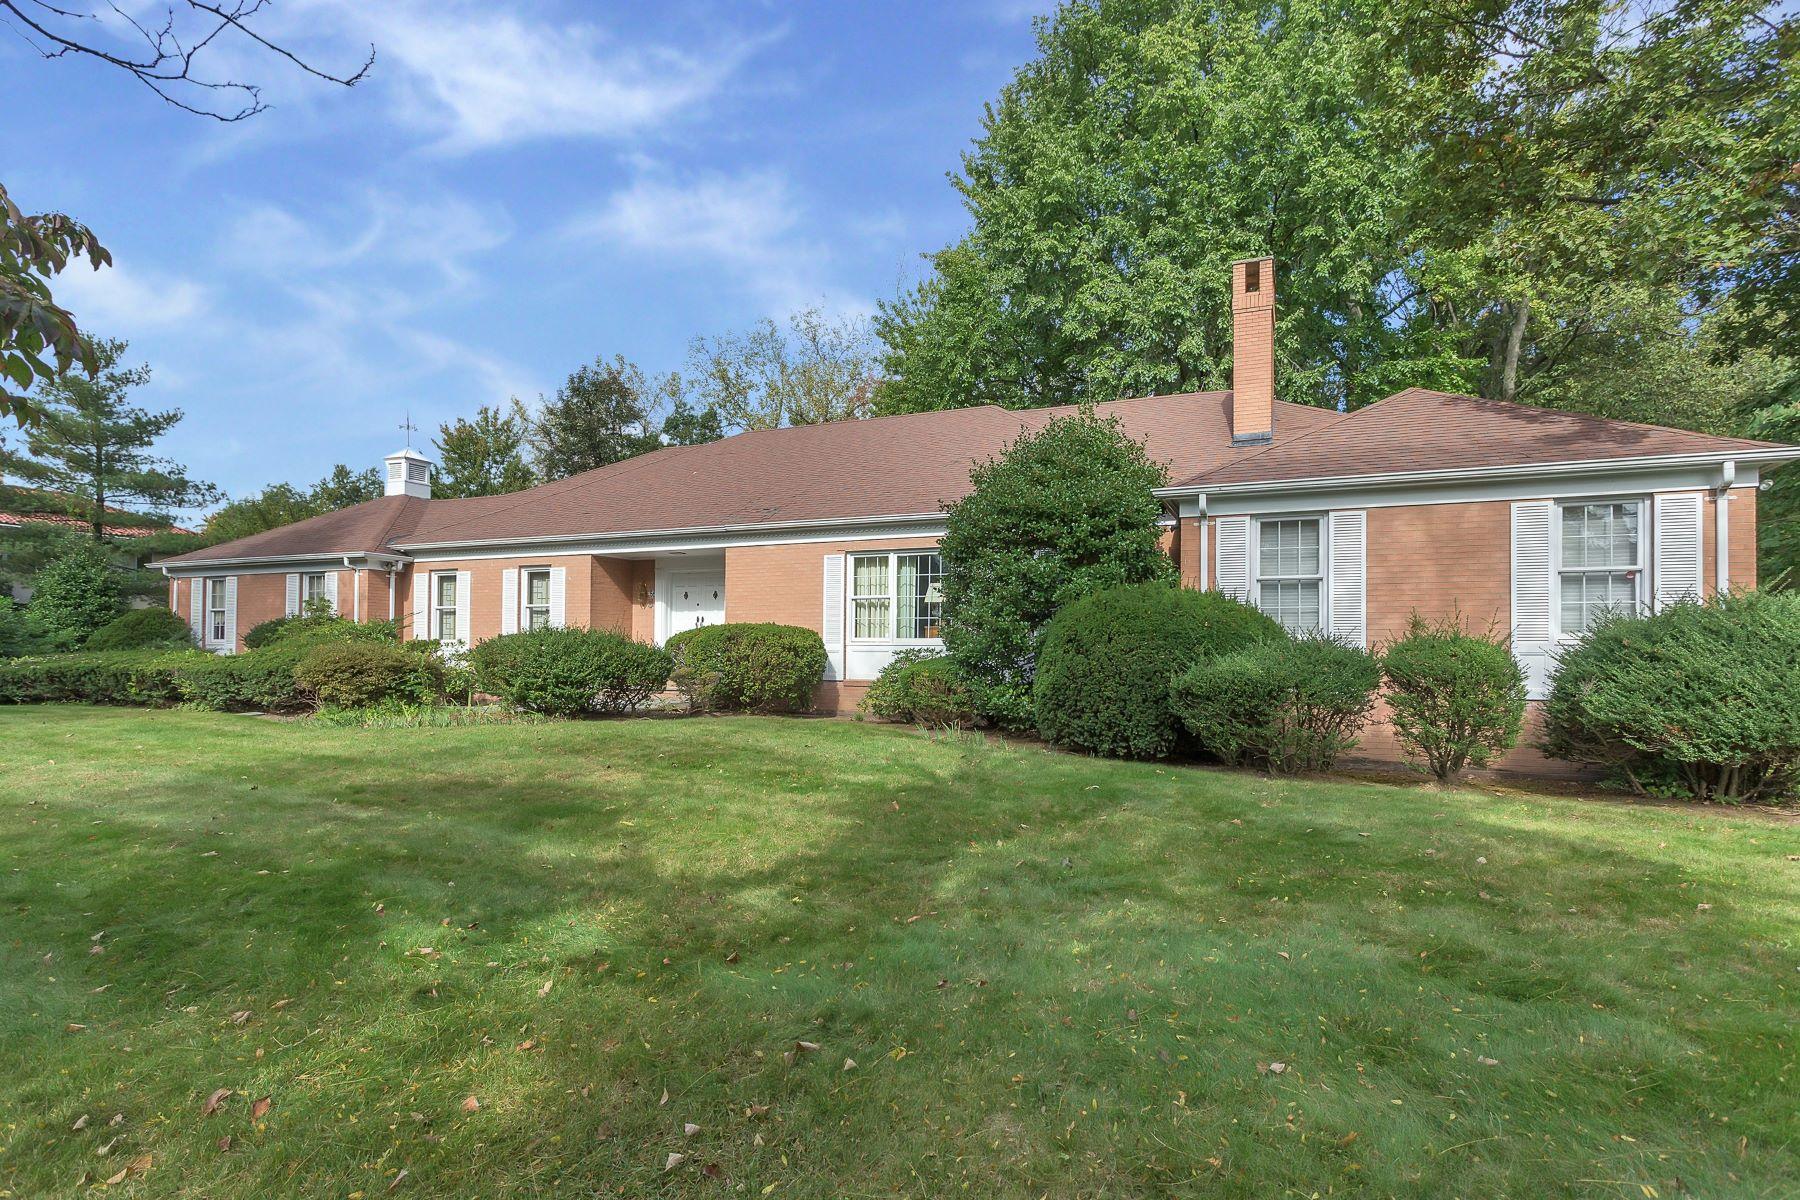 واحد منزل الأسرة للـ Sale في Prime Prestigious Location 56 Jane Dr, Englewood Cliffs, New Jersey, 07632 United States